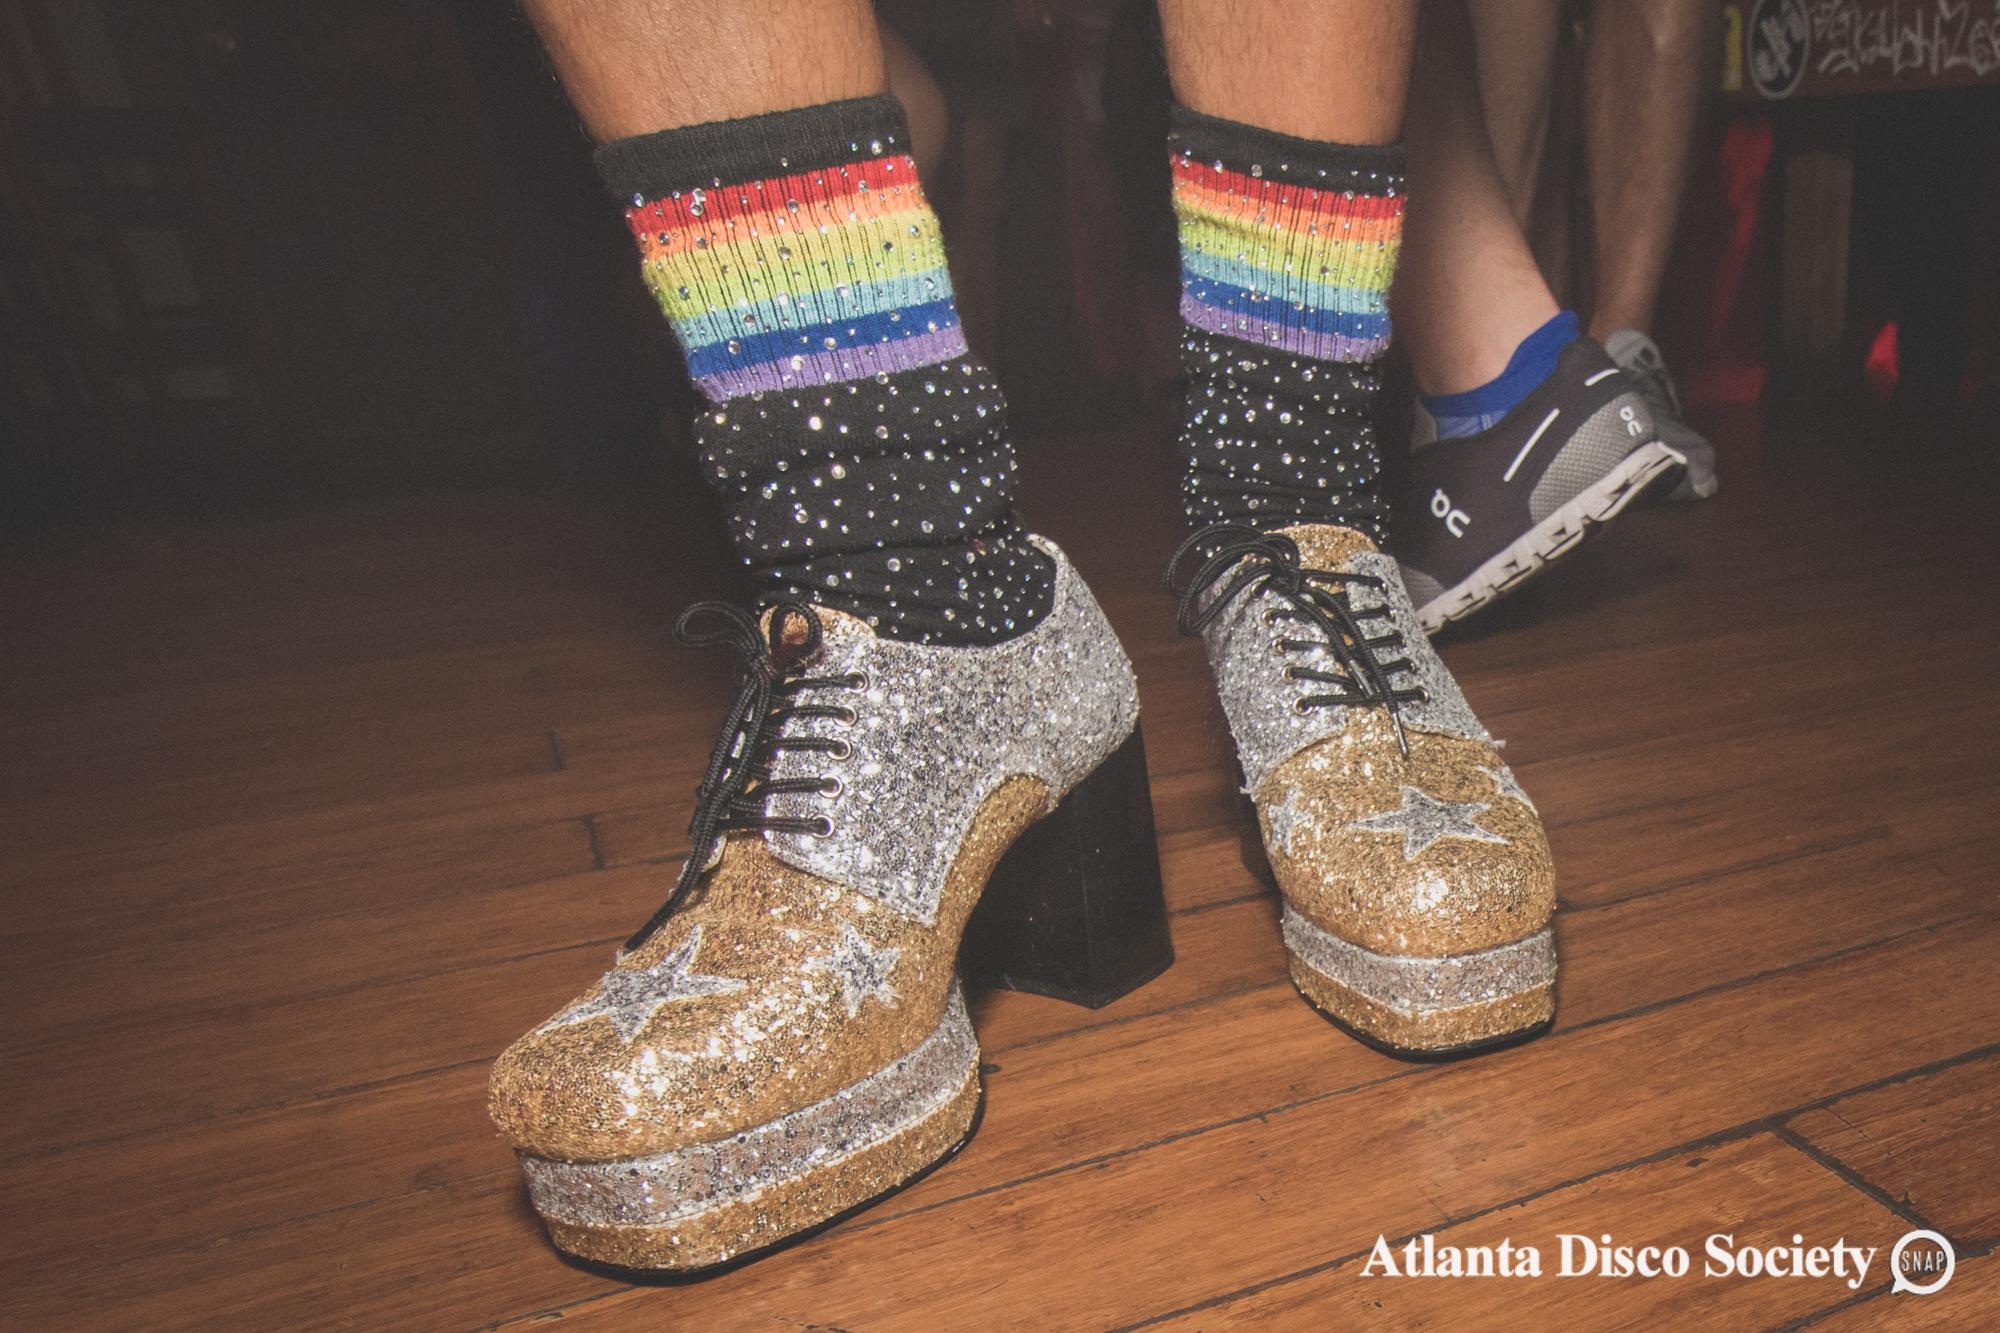 138Atlanta Disco Society Grace Kelly Oh Snap Kid 7.27.19.jpg